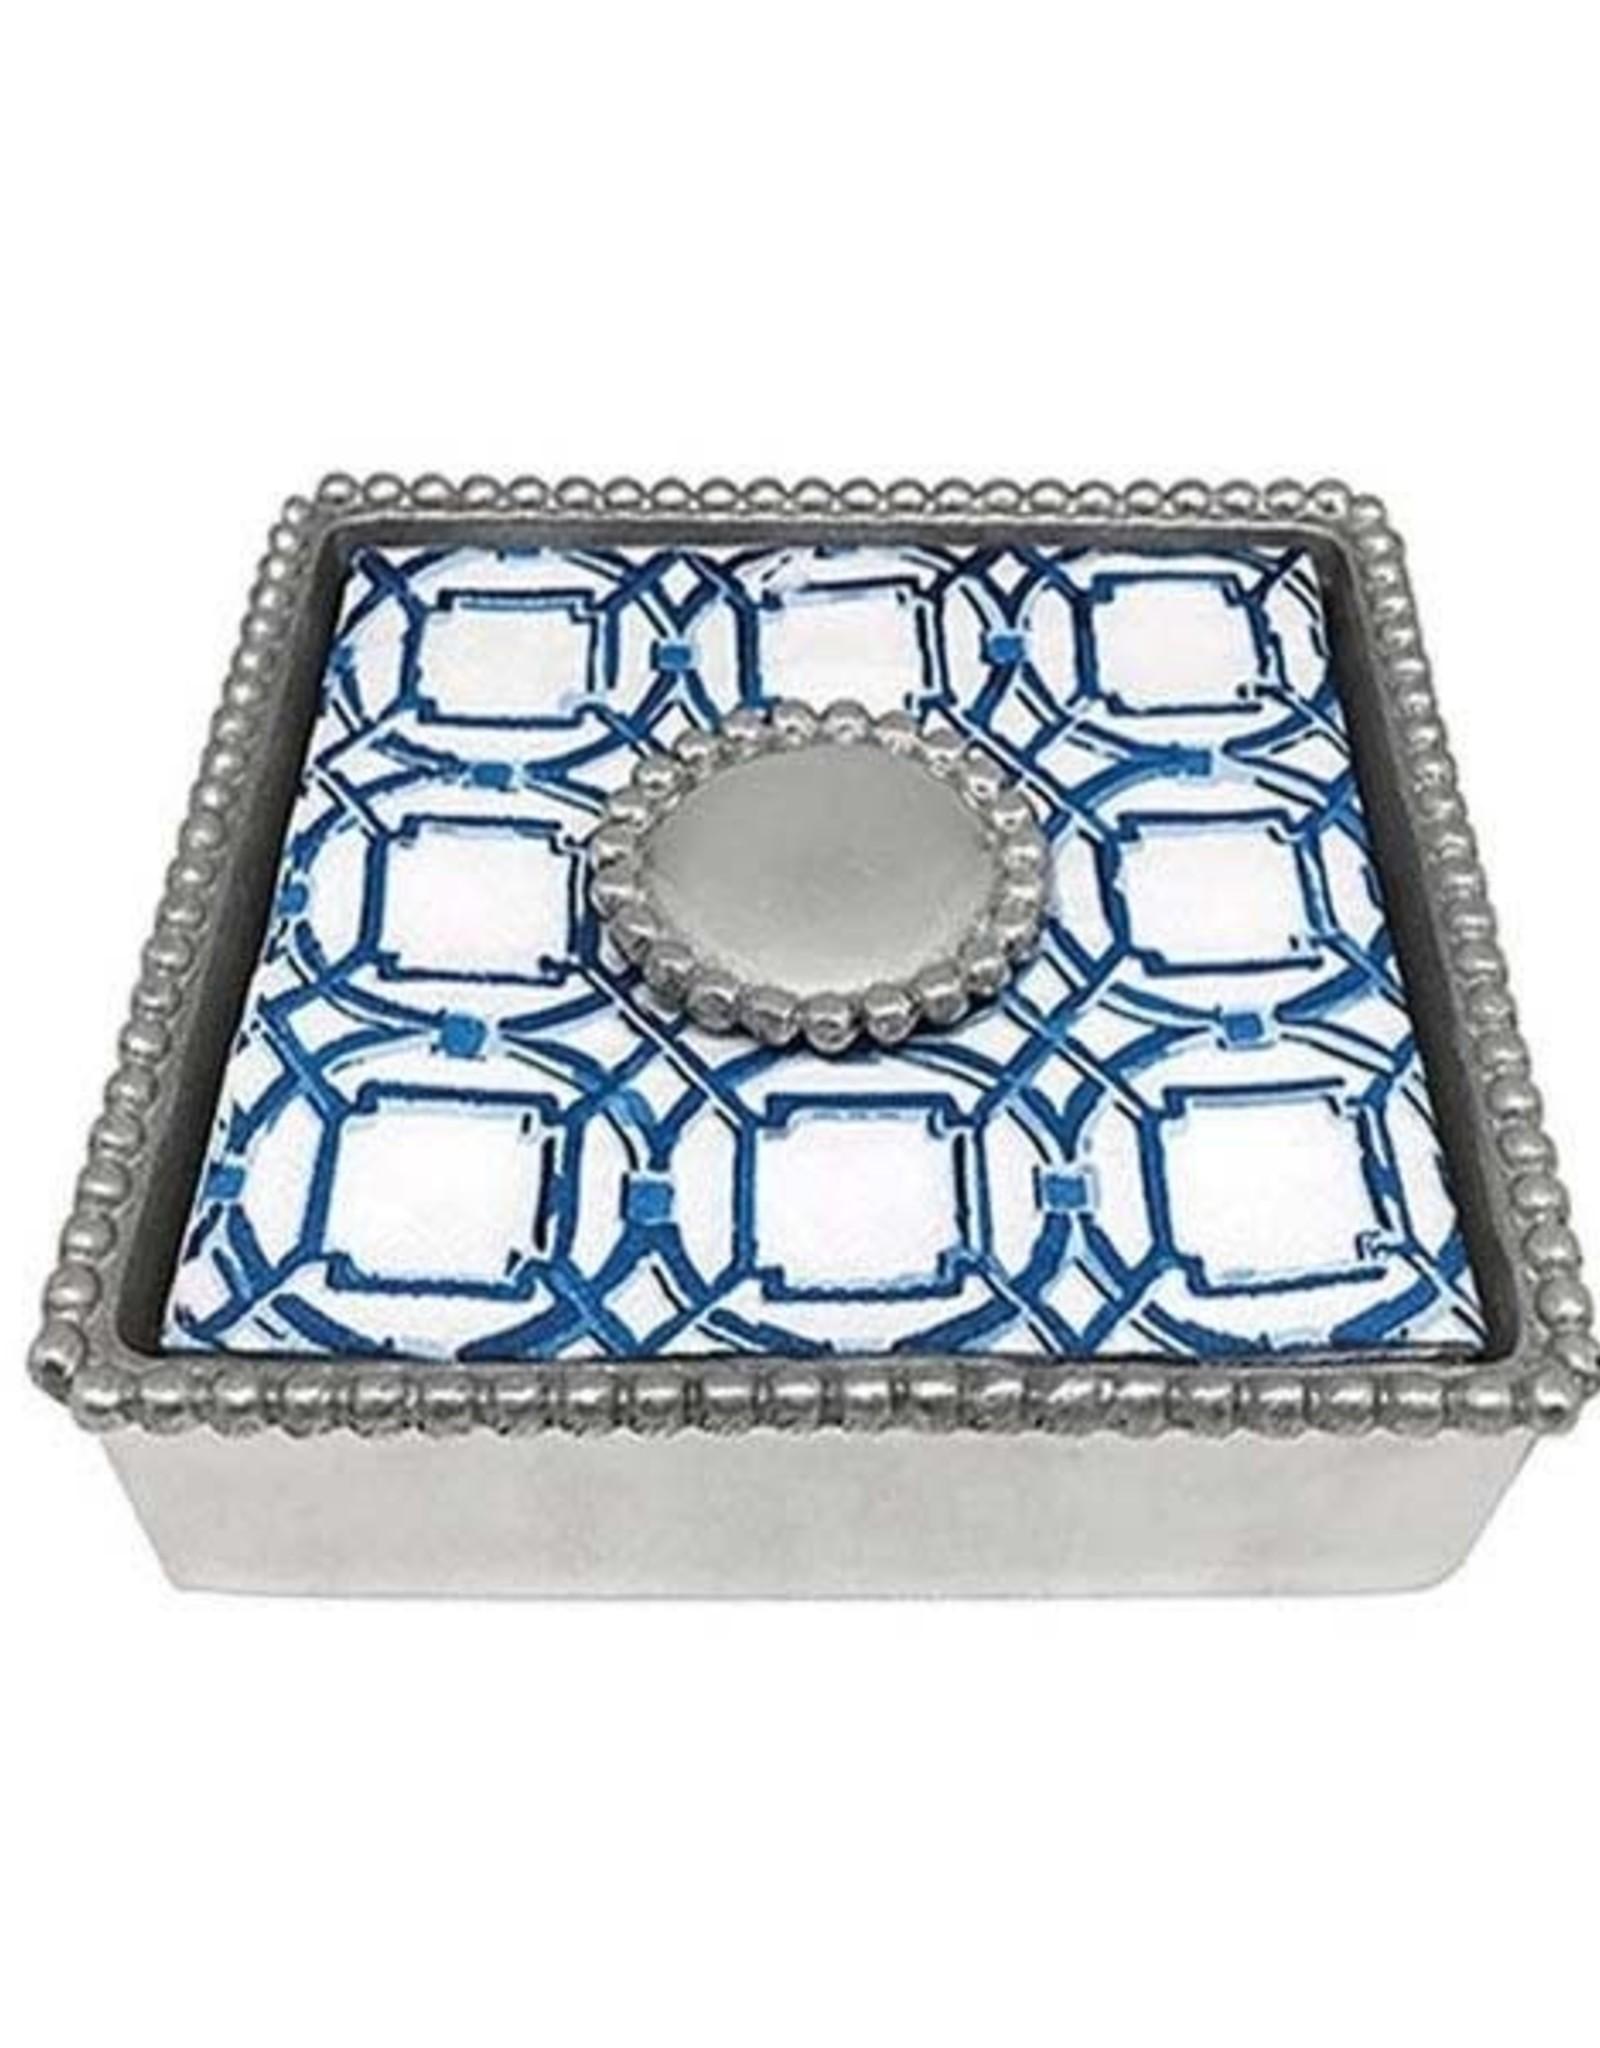 Napkin Box - Round Pearl Beaded